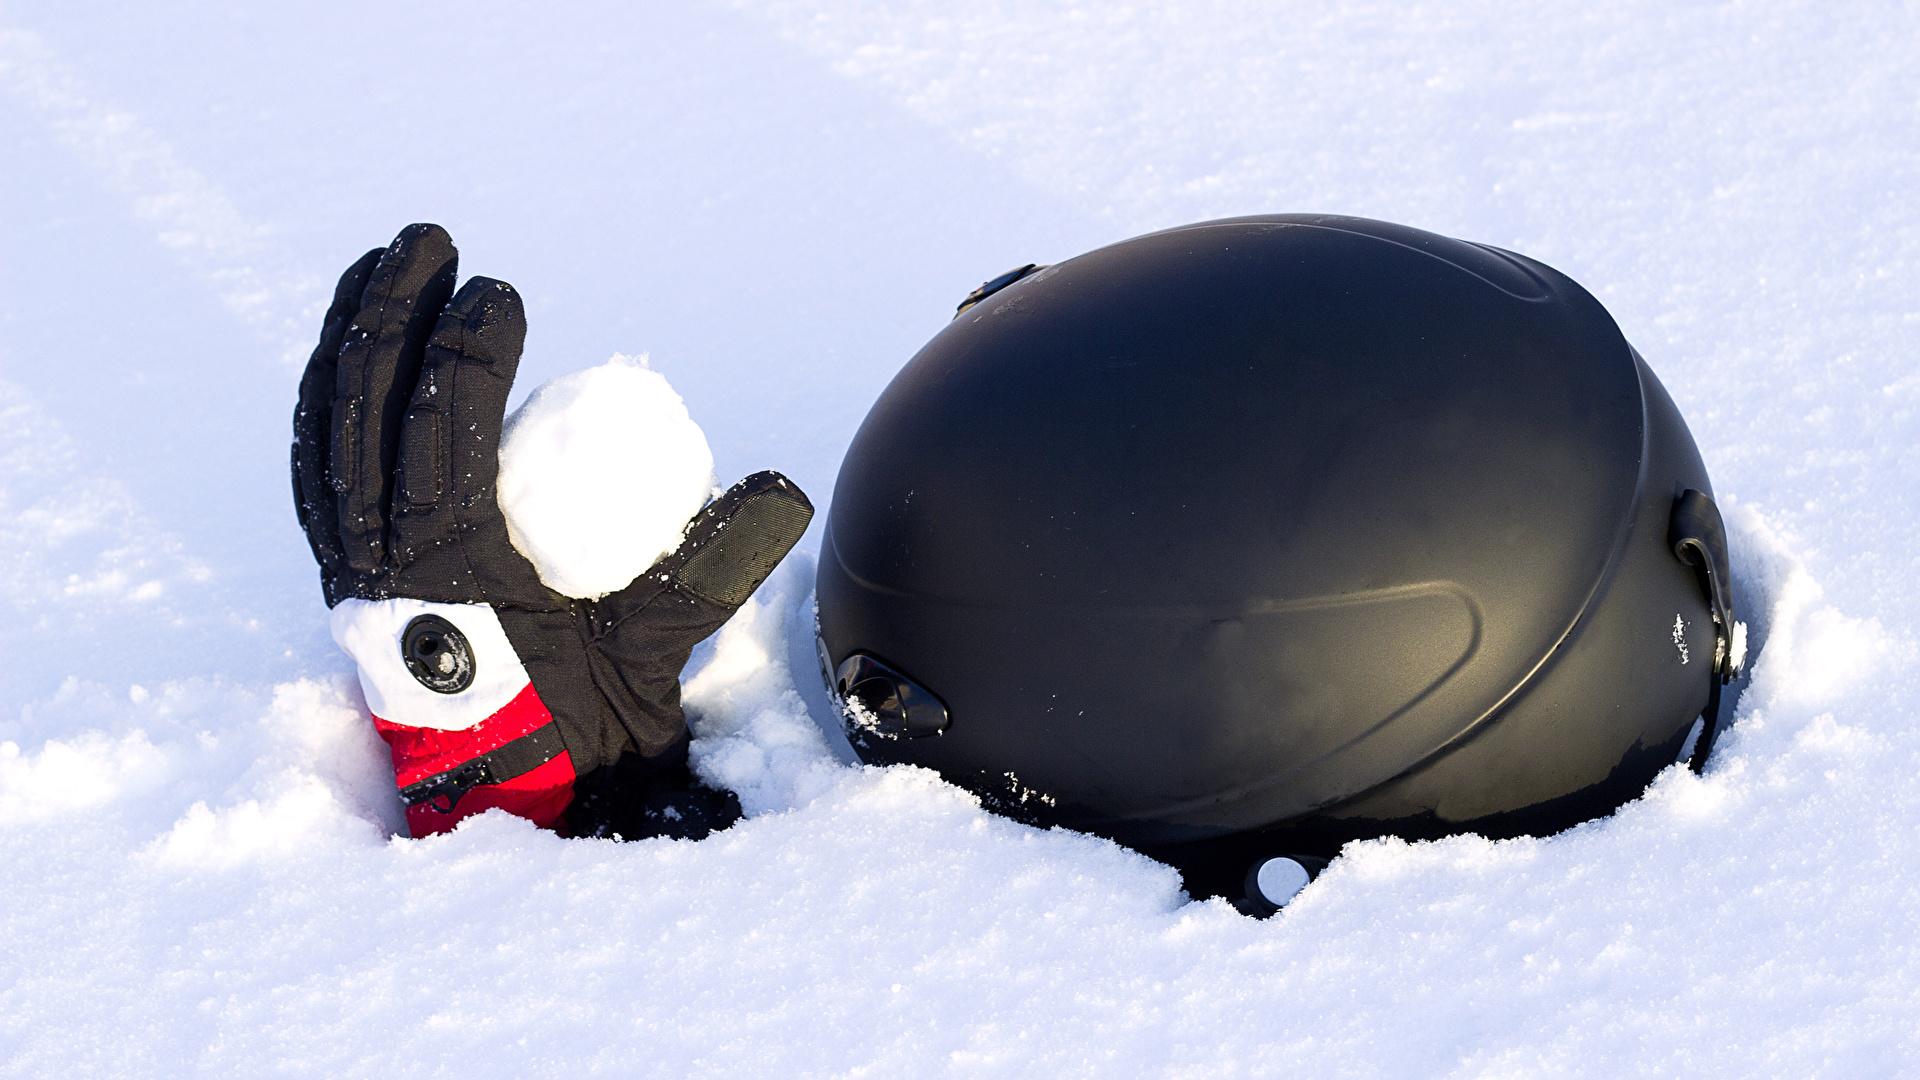 Фотографии в шлеме Перчатки Зима снега 1920x1080 Шлем шлема перчатках зимние Снег снегу снеге